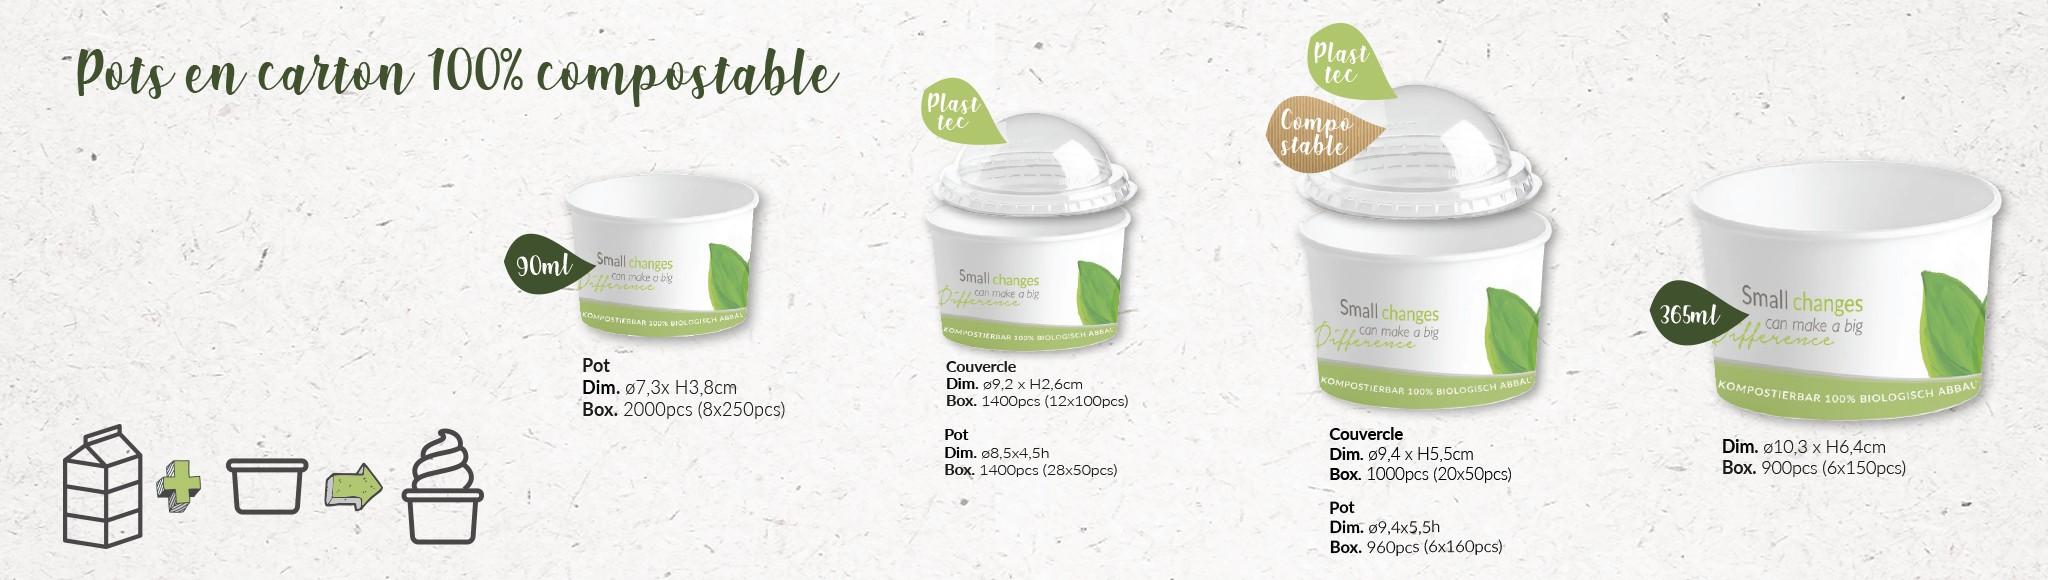 Pots 100% compostables